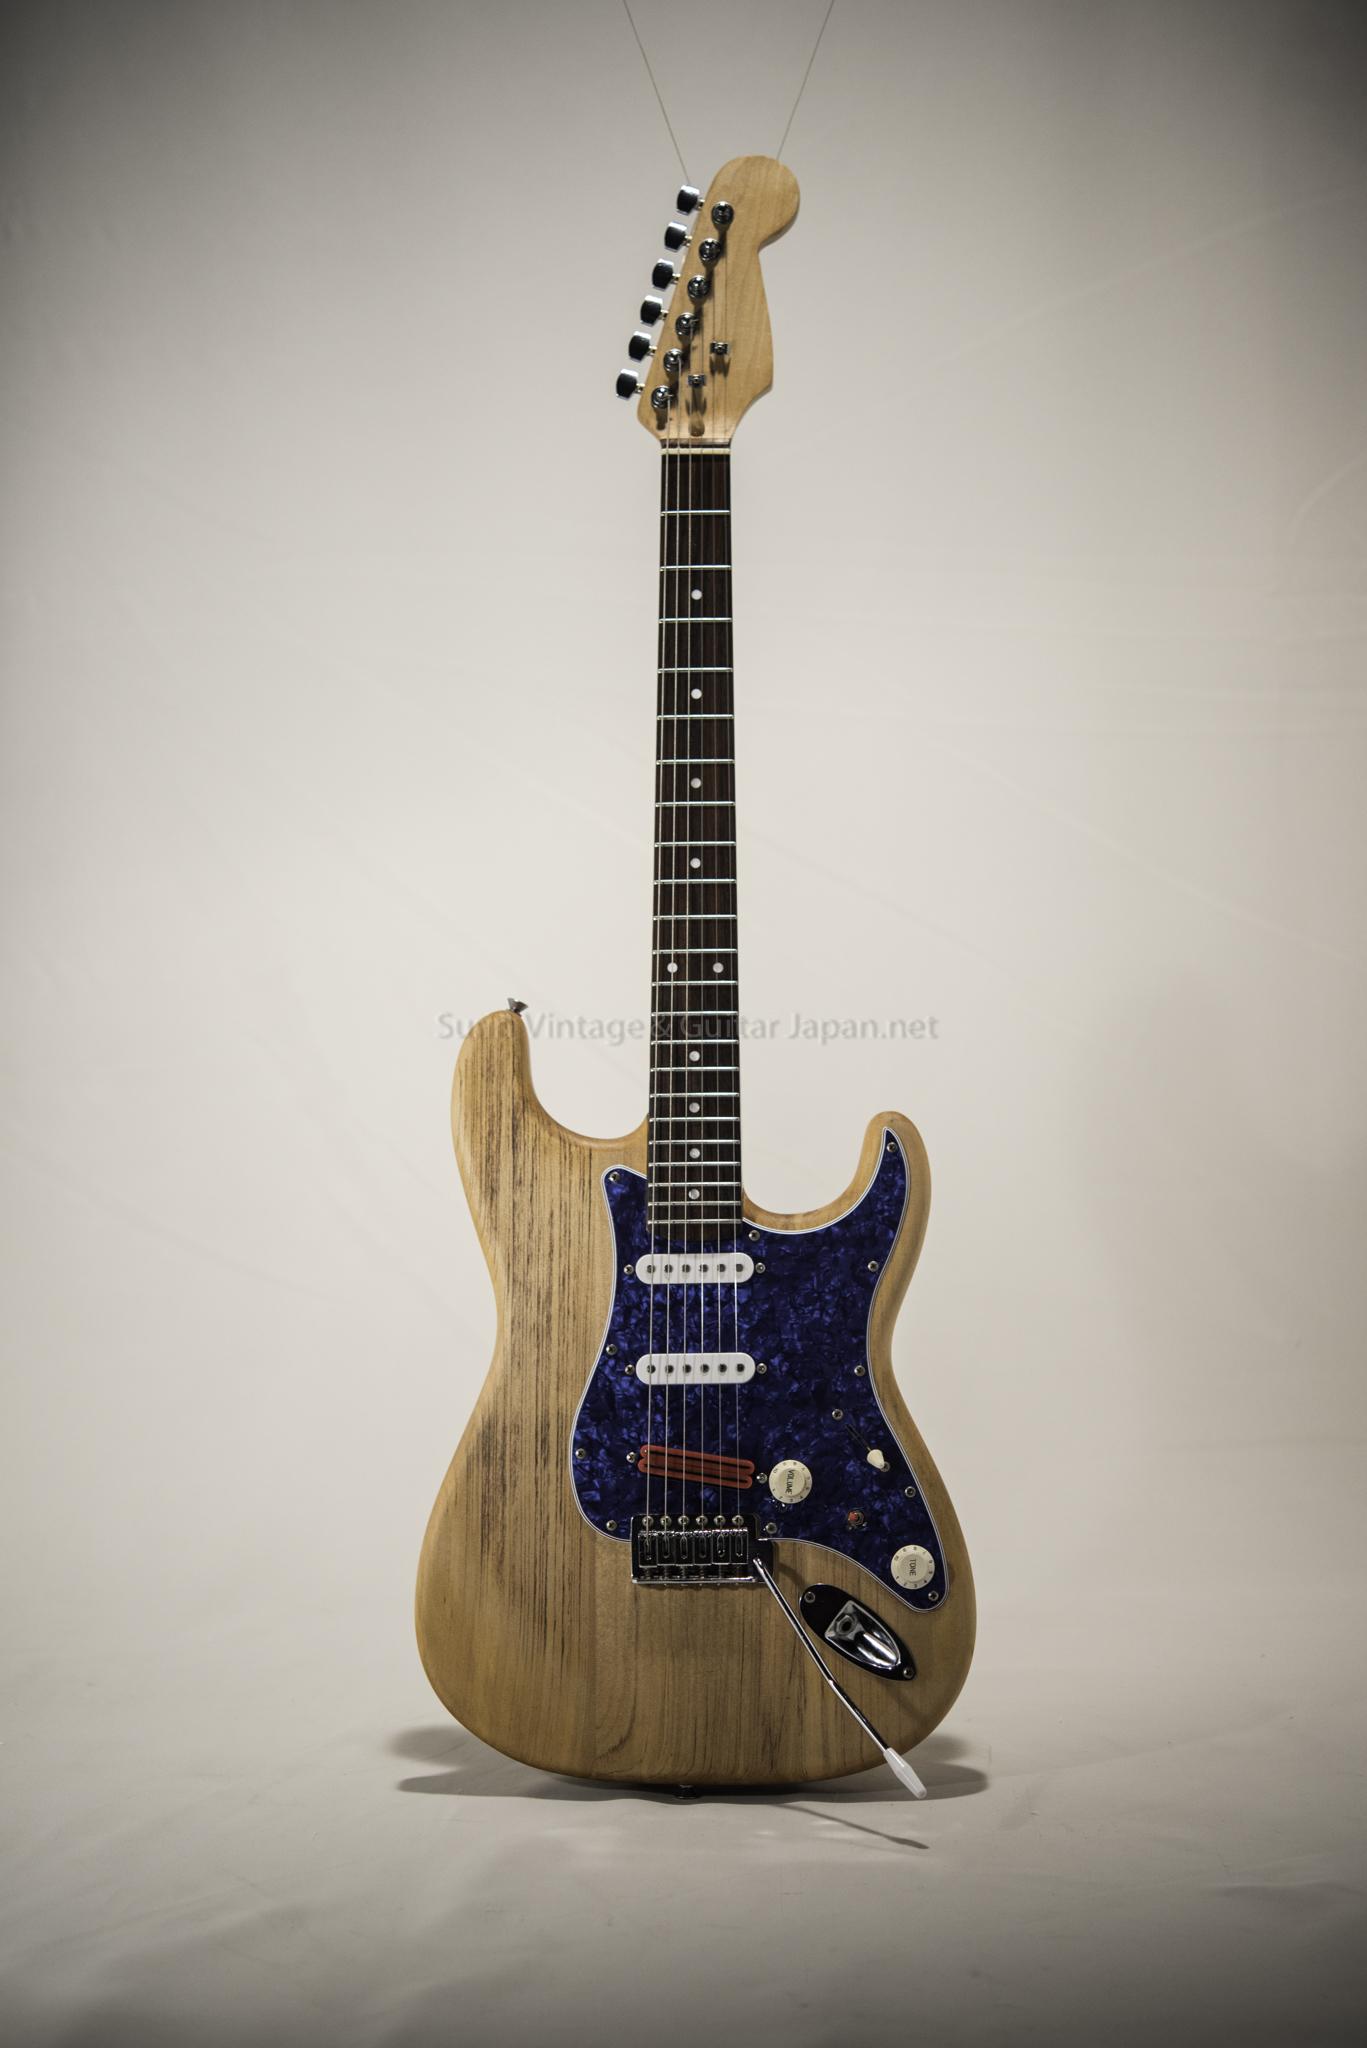 กีต้าร์ไฟฟ้ามือสอง Stratocaster Modify No.32